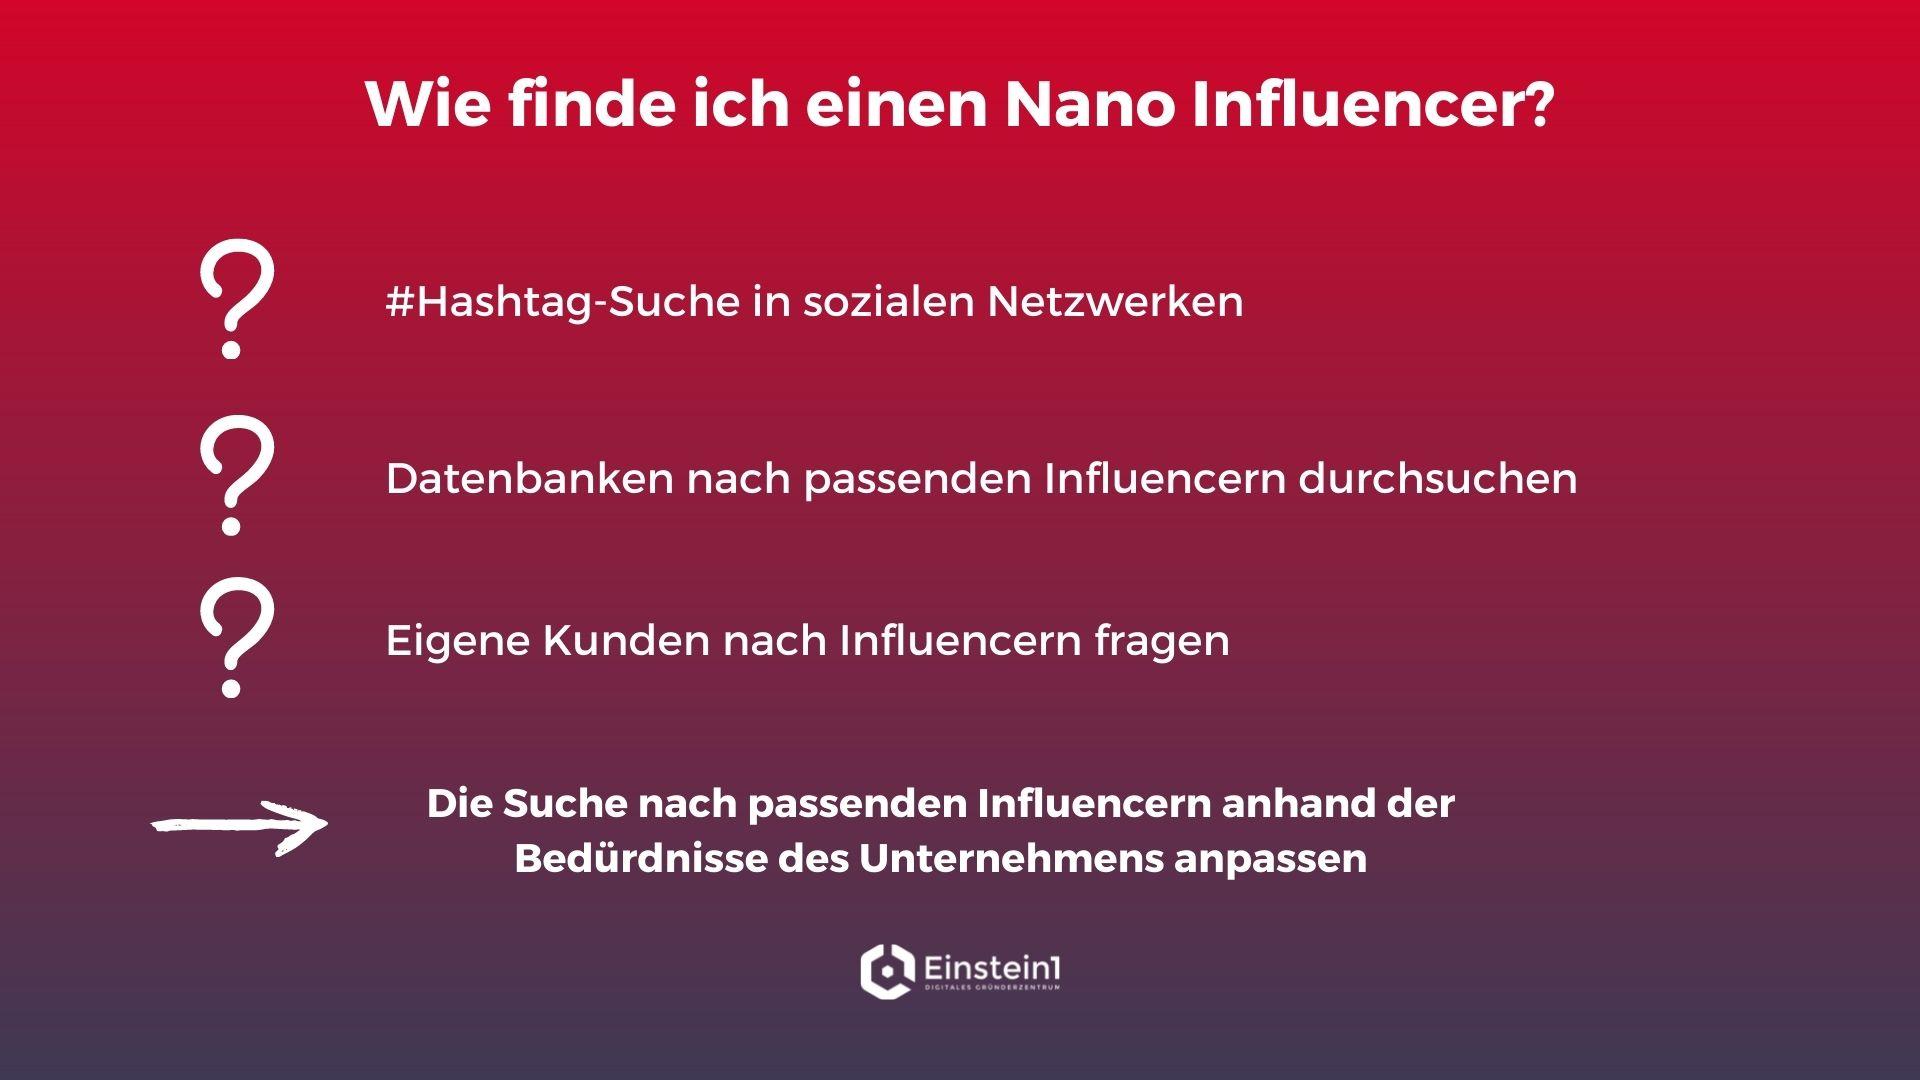 nano-influencer-kleine-influencer-mit-hoher-autorität-wie-finde-ich-nano-influencer-einstein1